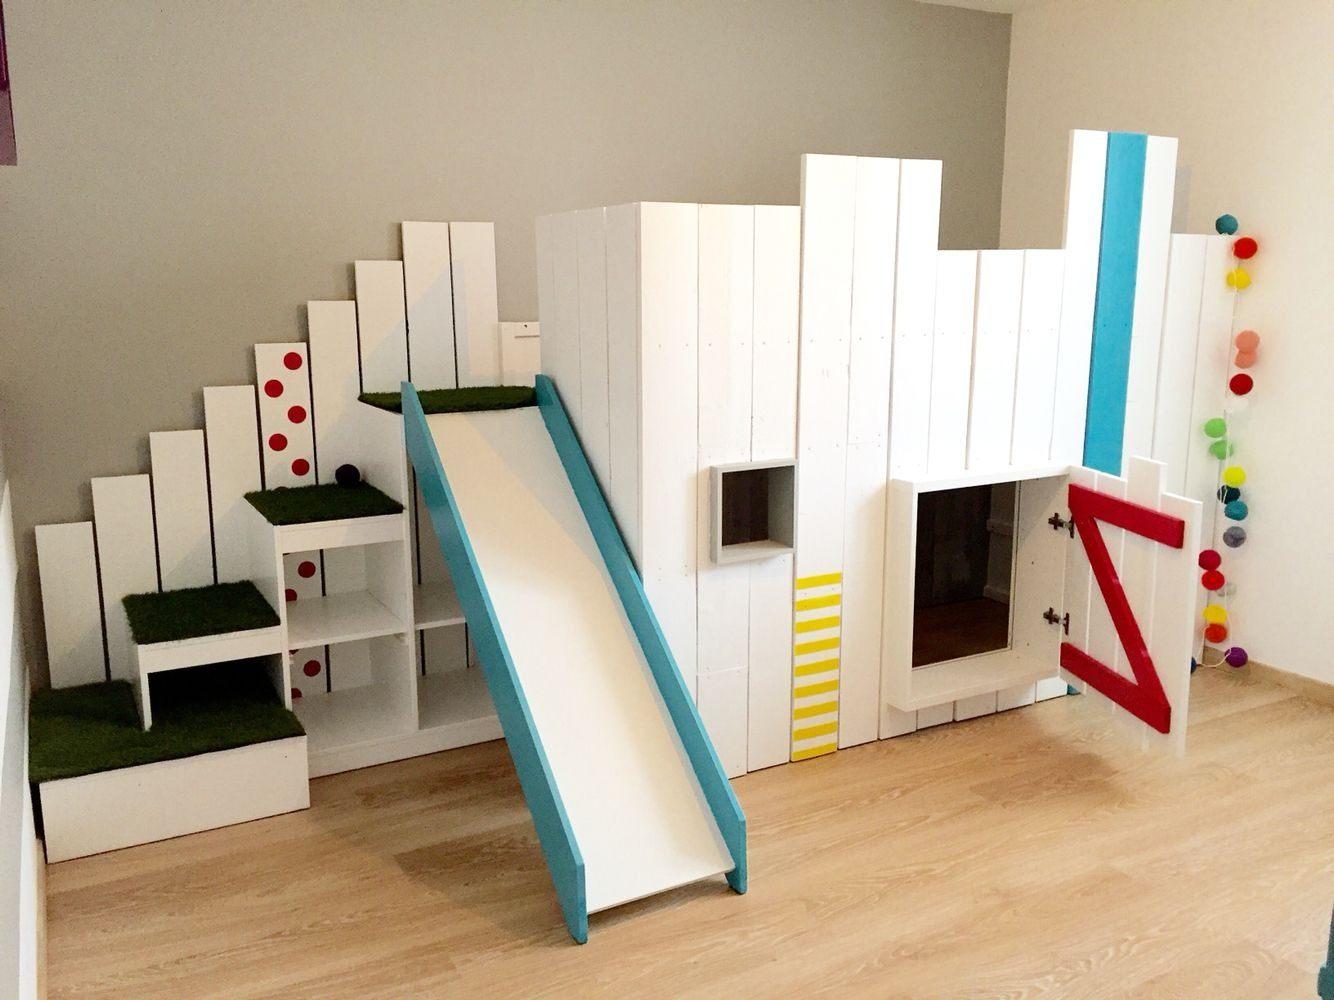 Lit Rond Ikea Unique Lit Rond Ikea Frais Chambre Avec Lit Rond Pok³j Dziecka Styl